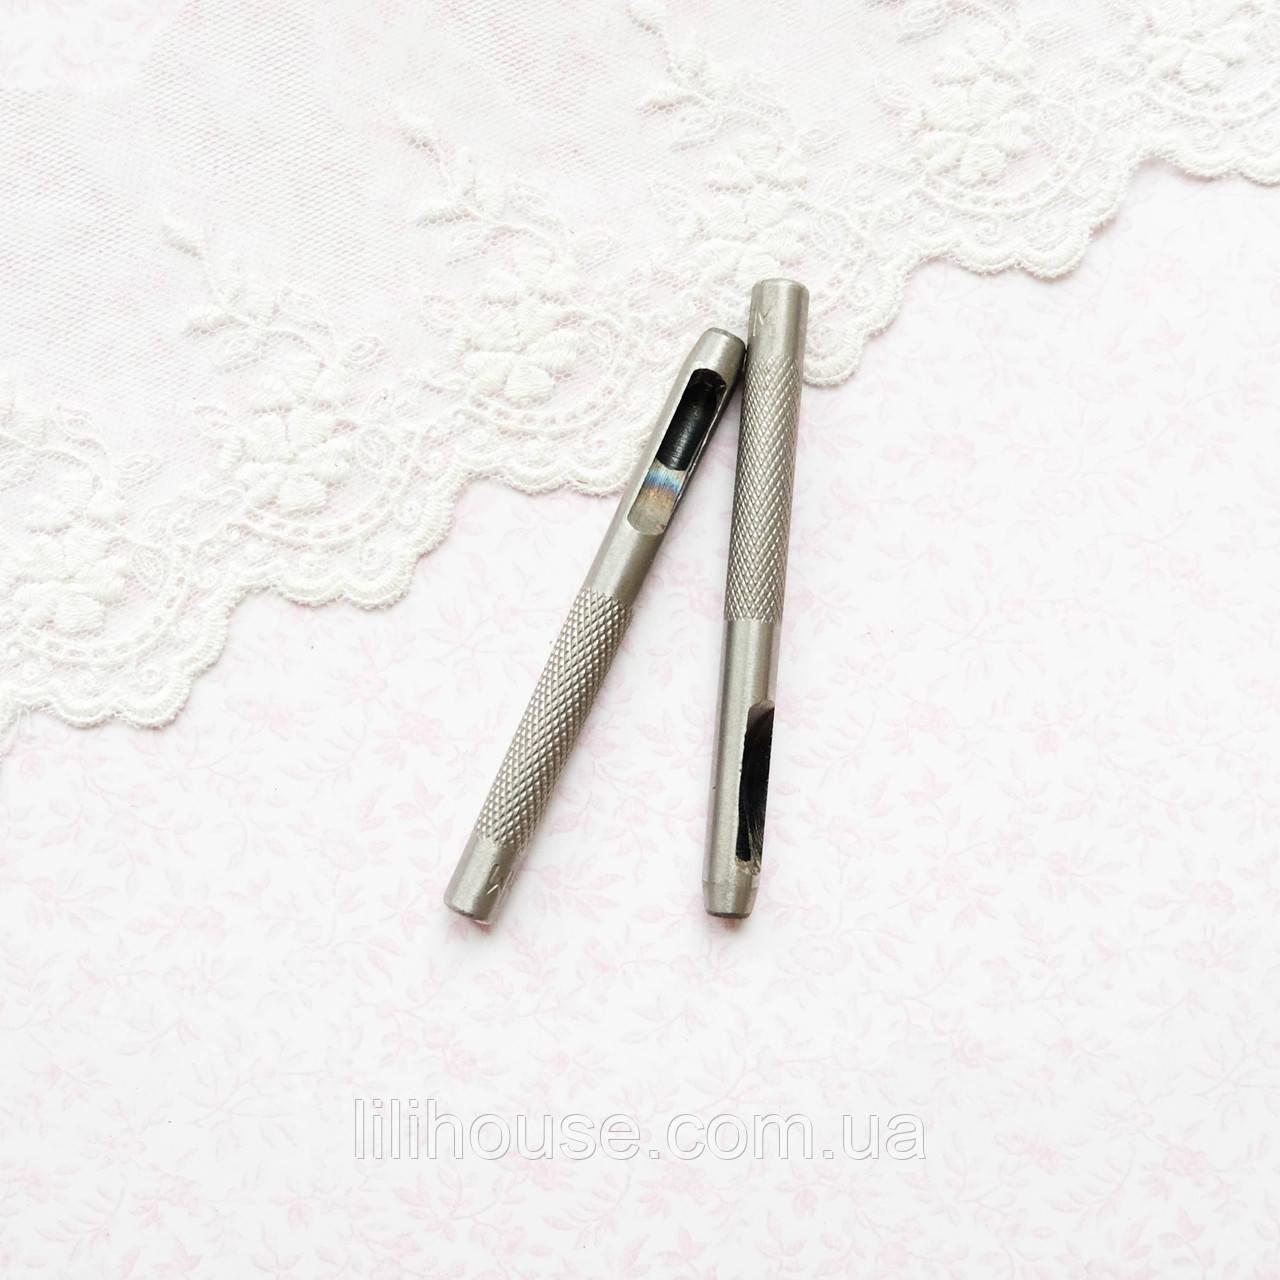 Инструмент-Пробойник Ø 5 мм